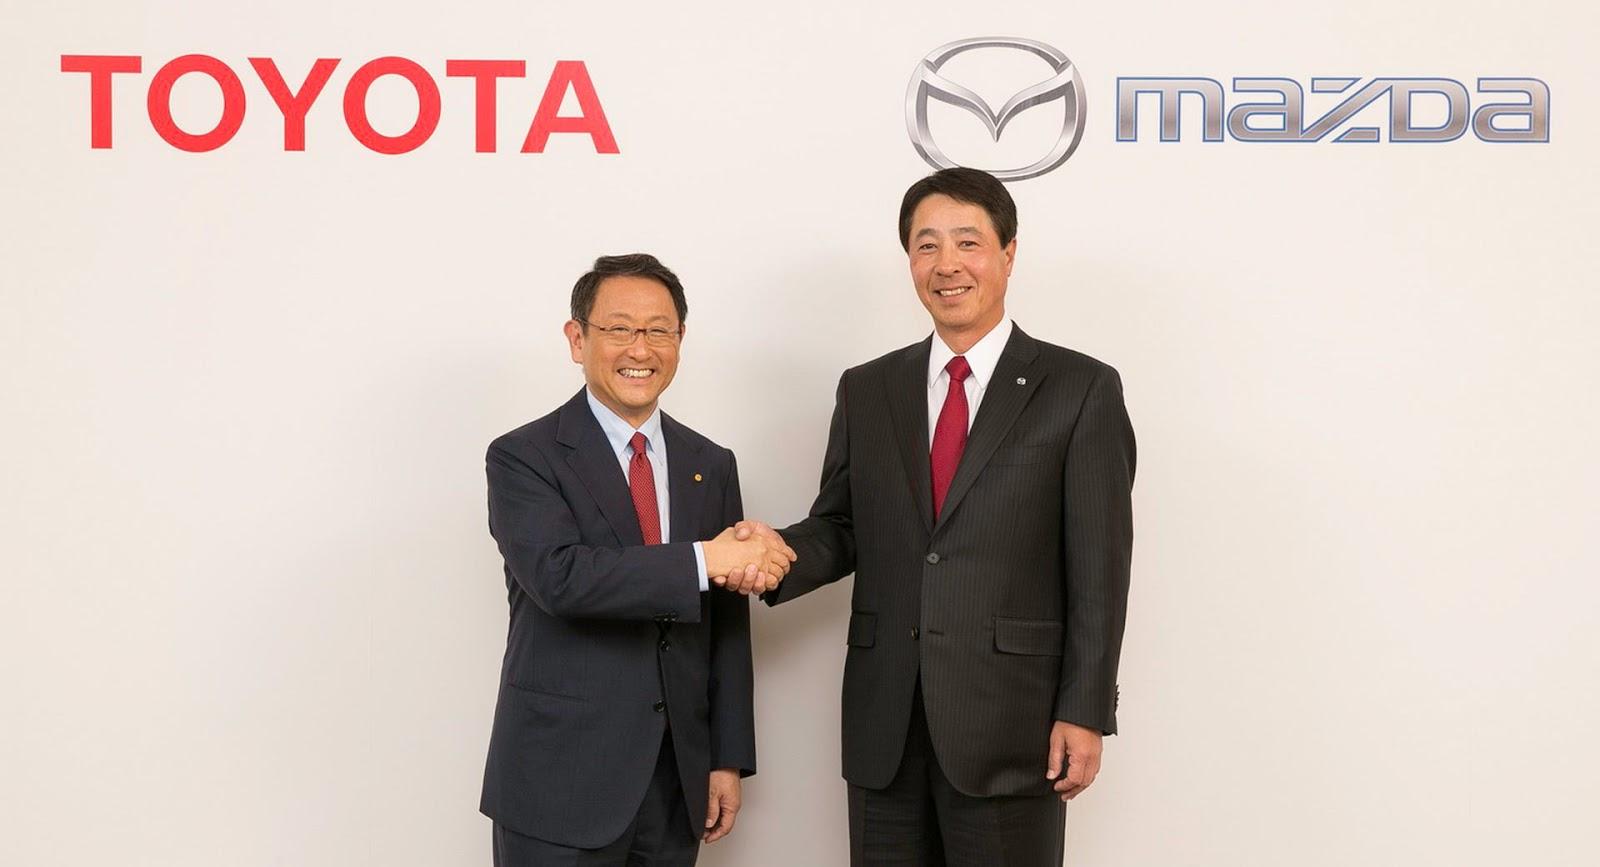 """Thị trường xe - Toyota """"bắt tay"""" Mazda xây dựng nhà máy trị giá 1,6 tỷ đô la"""